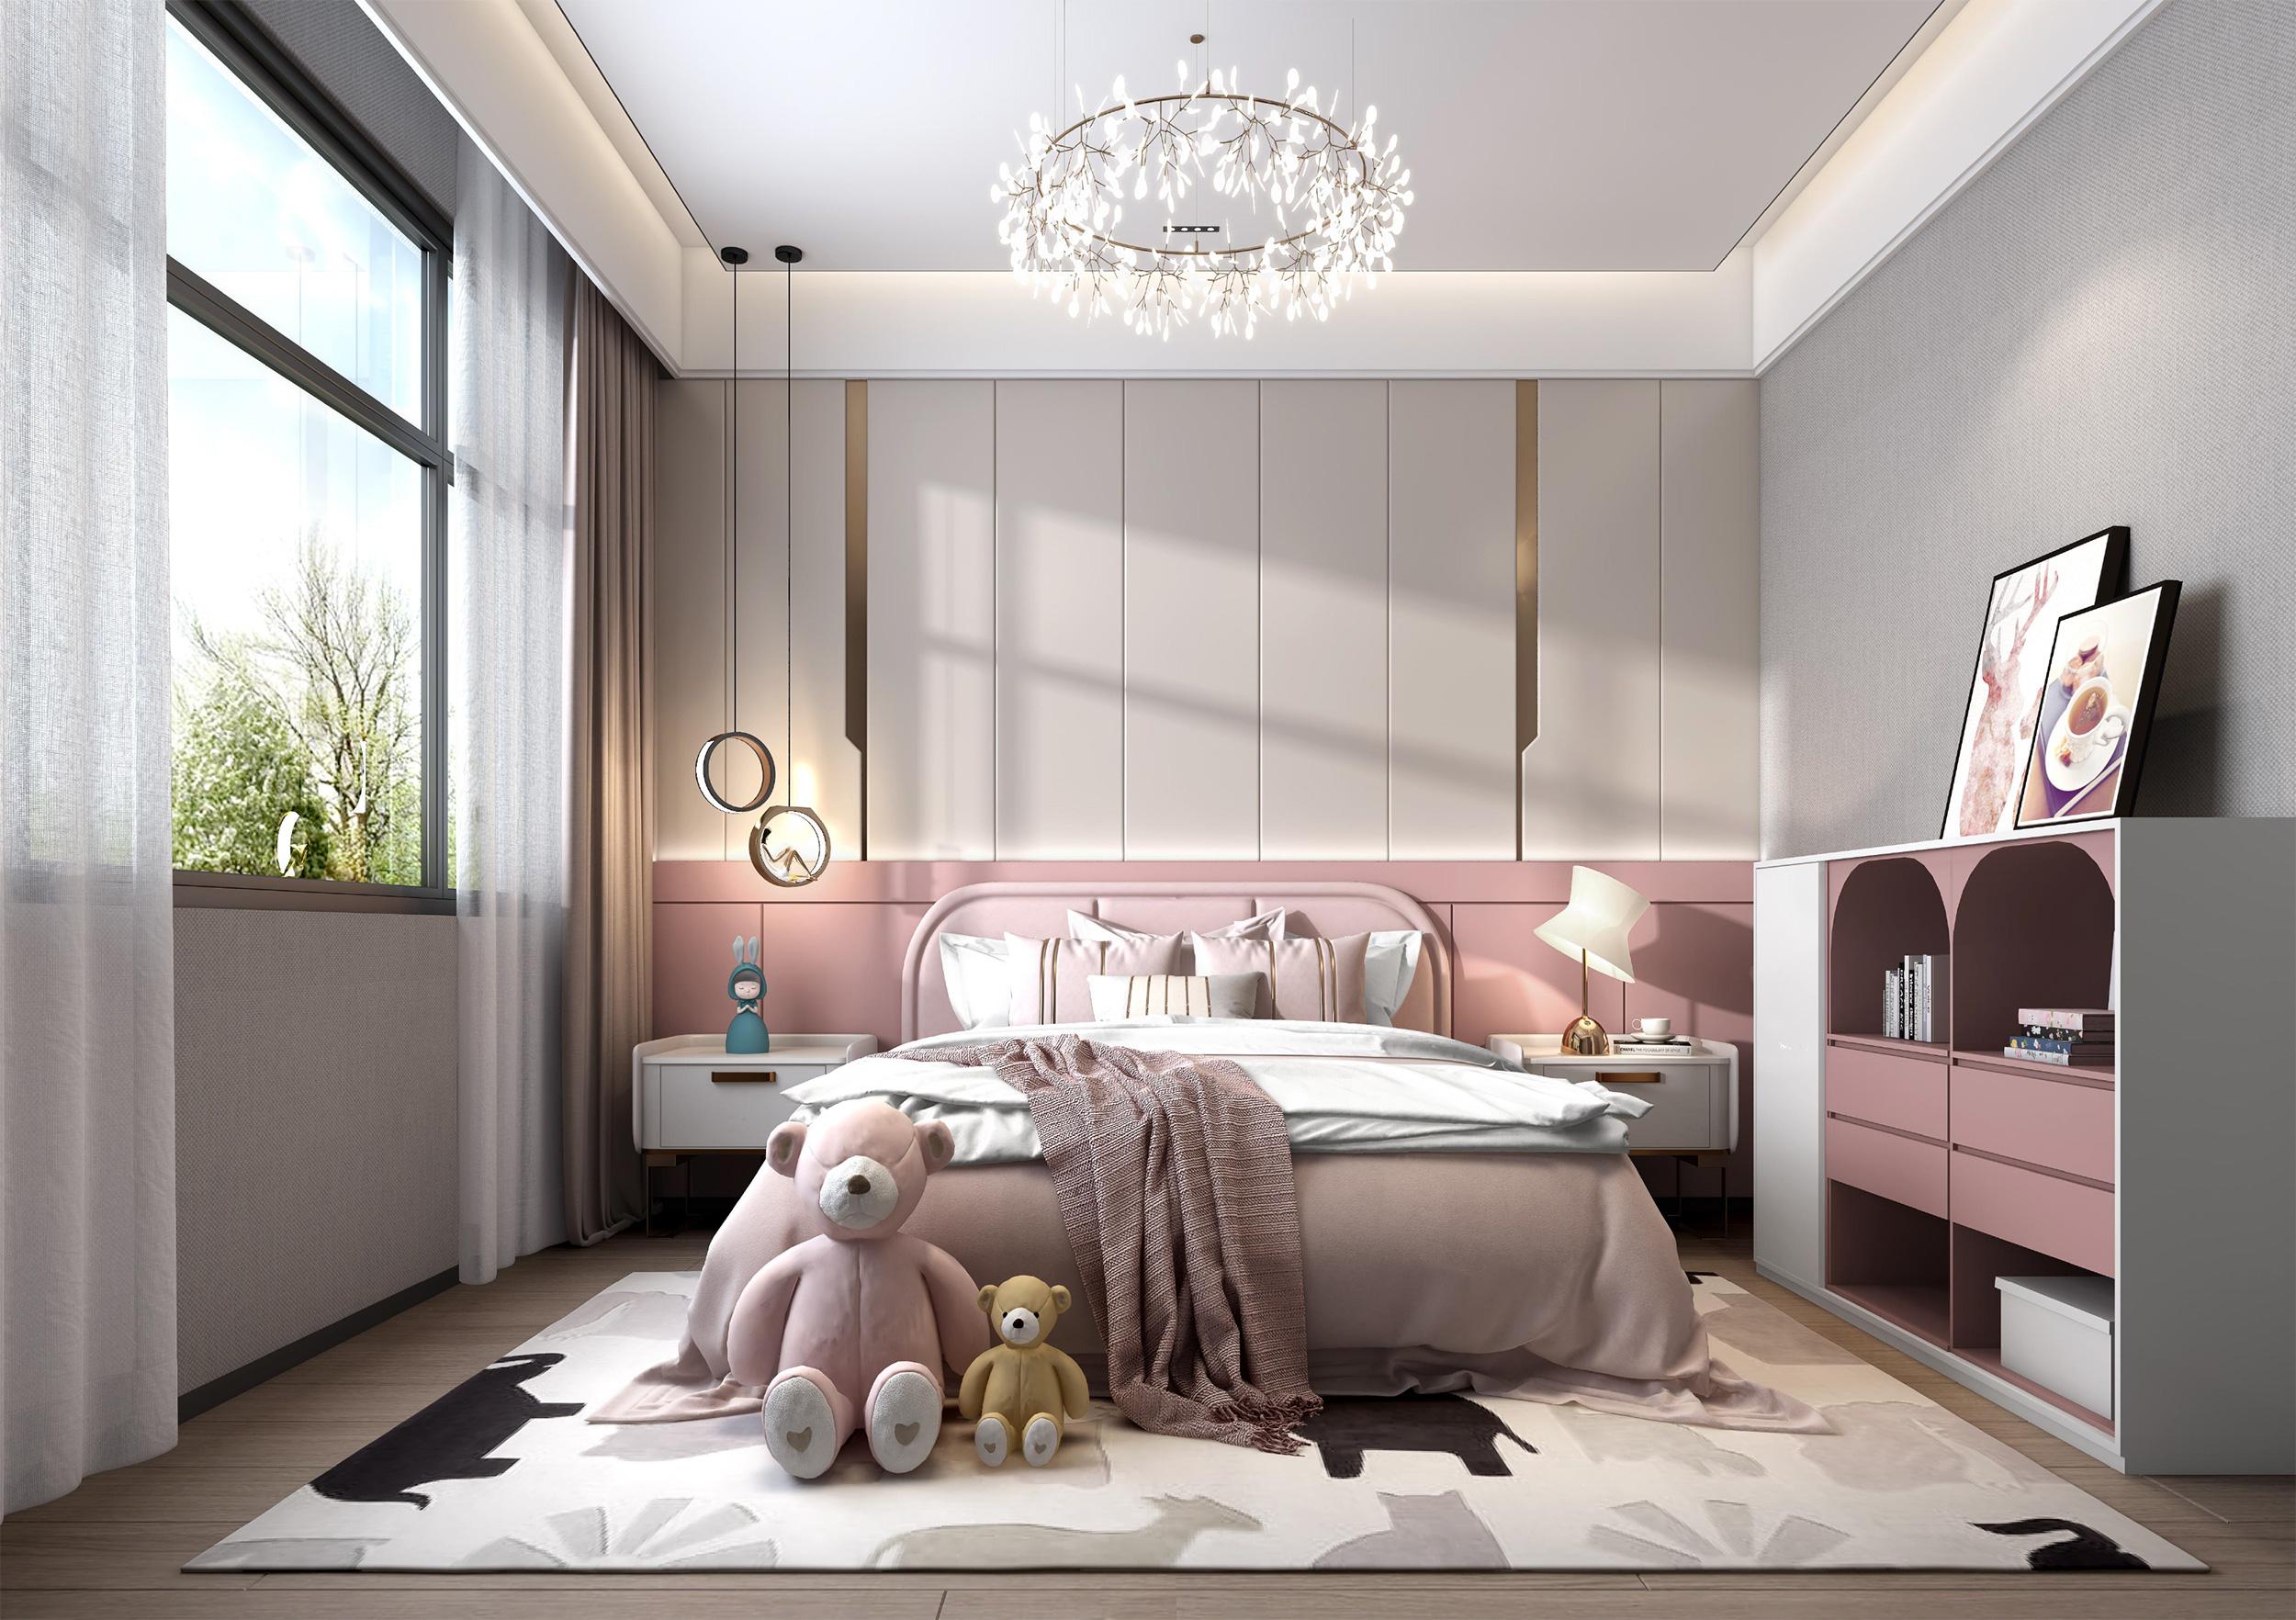 别墅样板房设计,样板房设计工程,样板房软装设计